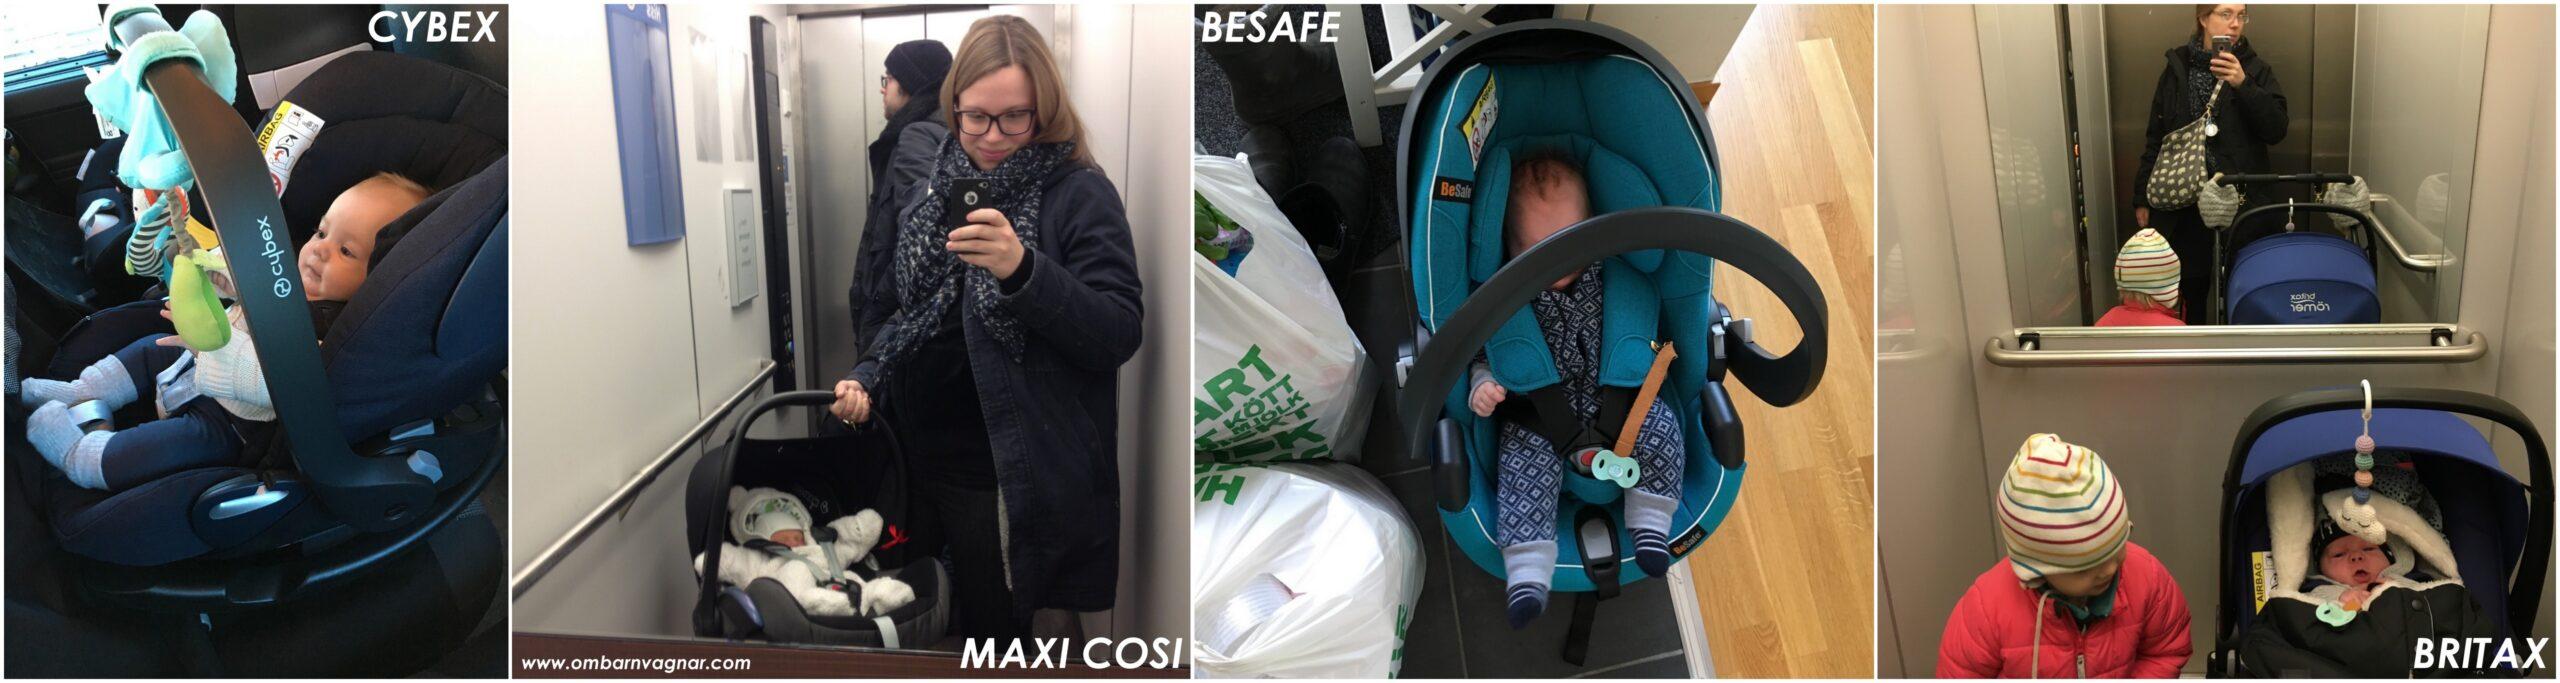 Babyskydd från Cybex, Maxi Cosi, BeSafe och Britax.